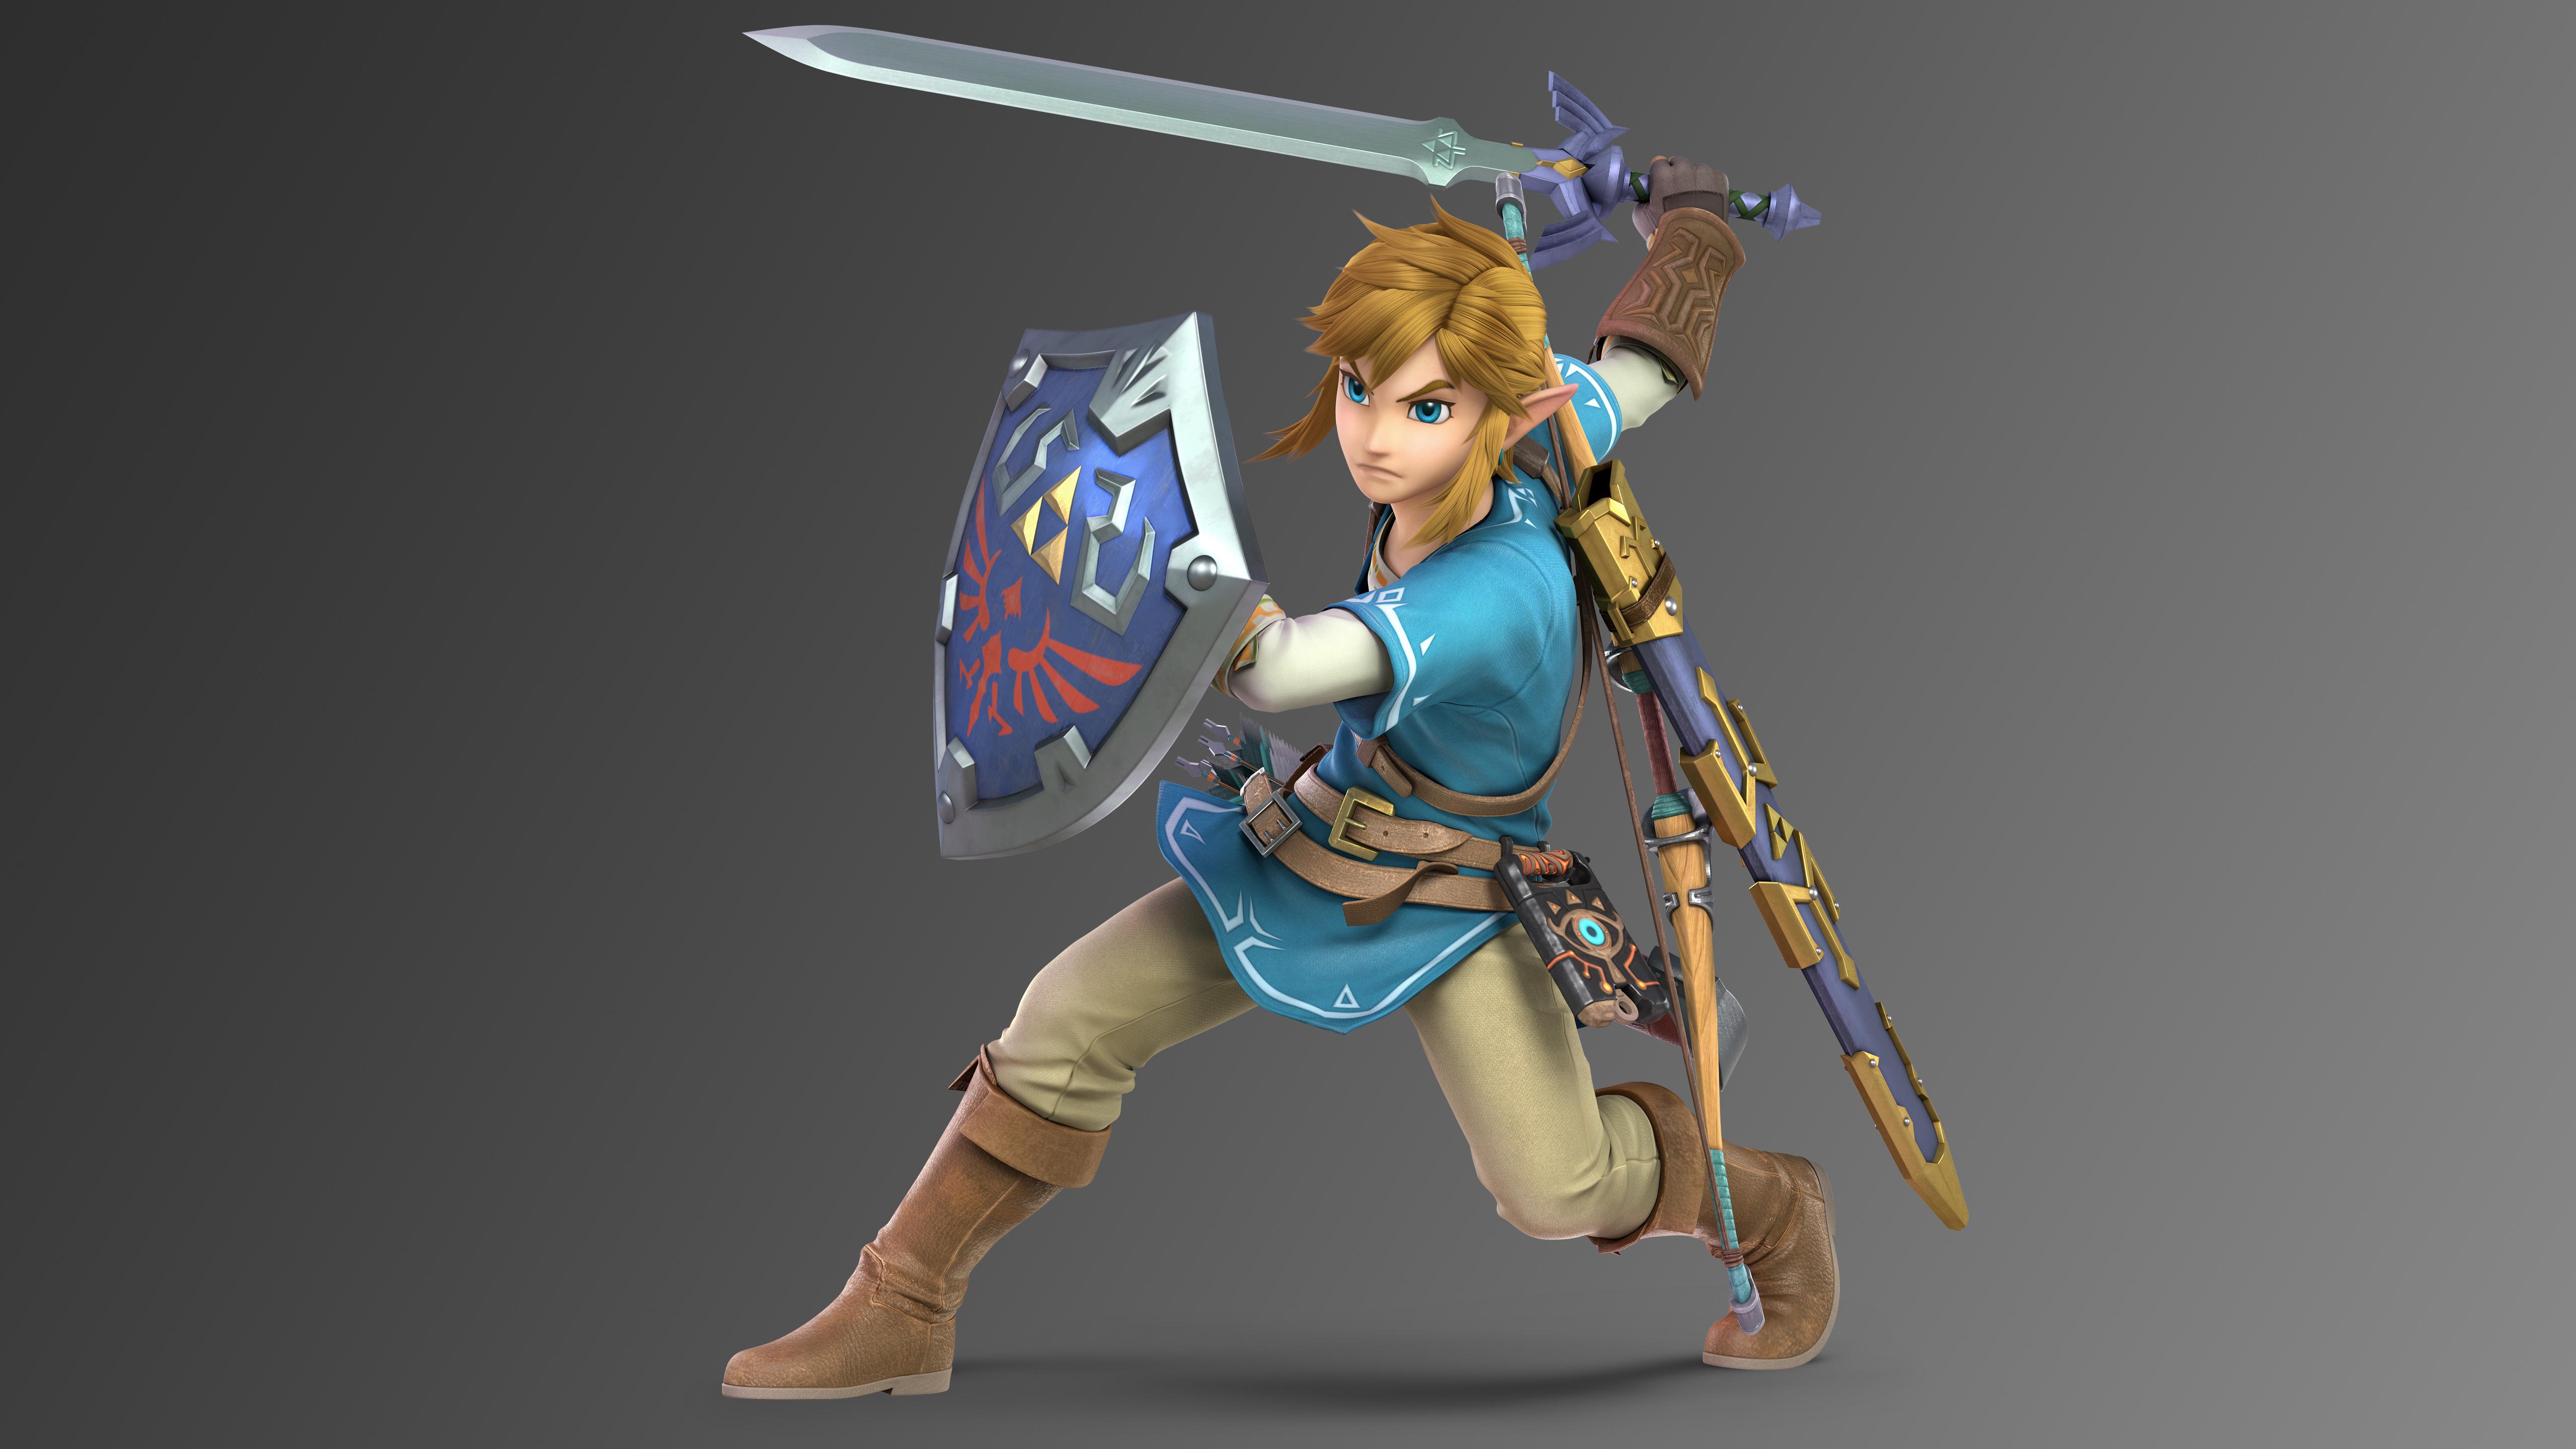 Link Super Smash Bros Ultimate 5k Hd Games 4k Wallpapers Images